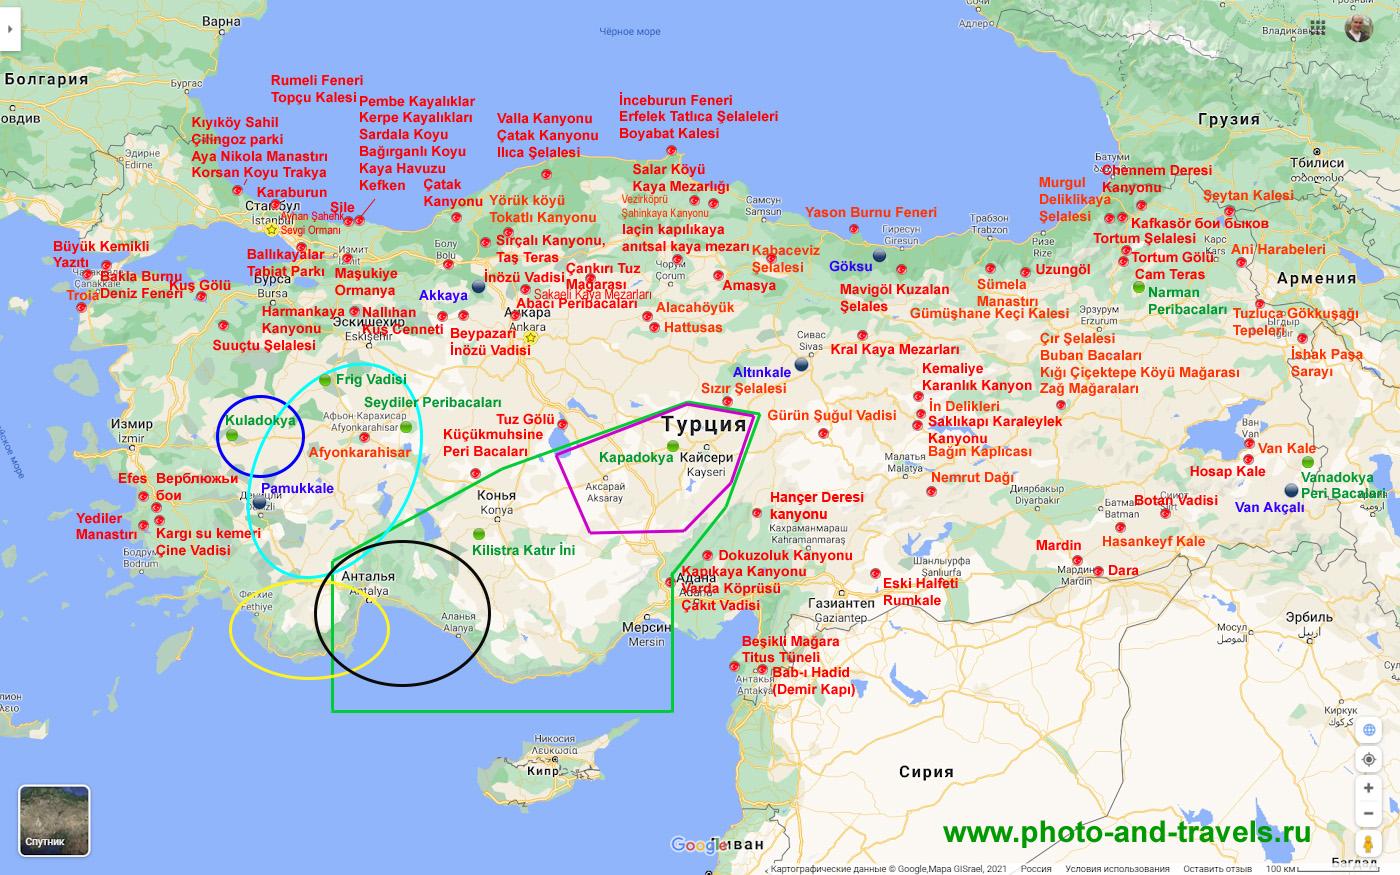 5. Карта расположения интересных мест Турции, куда можно съездить на машине.